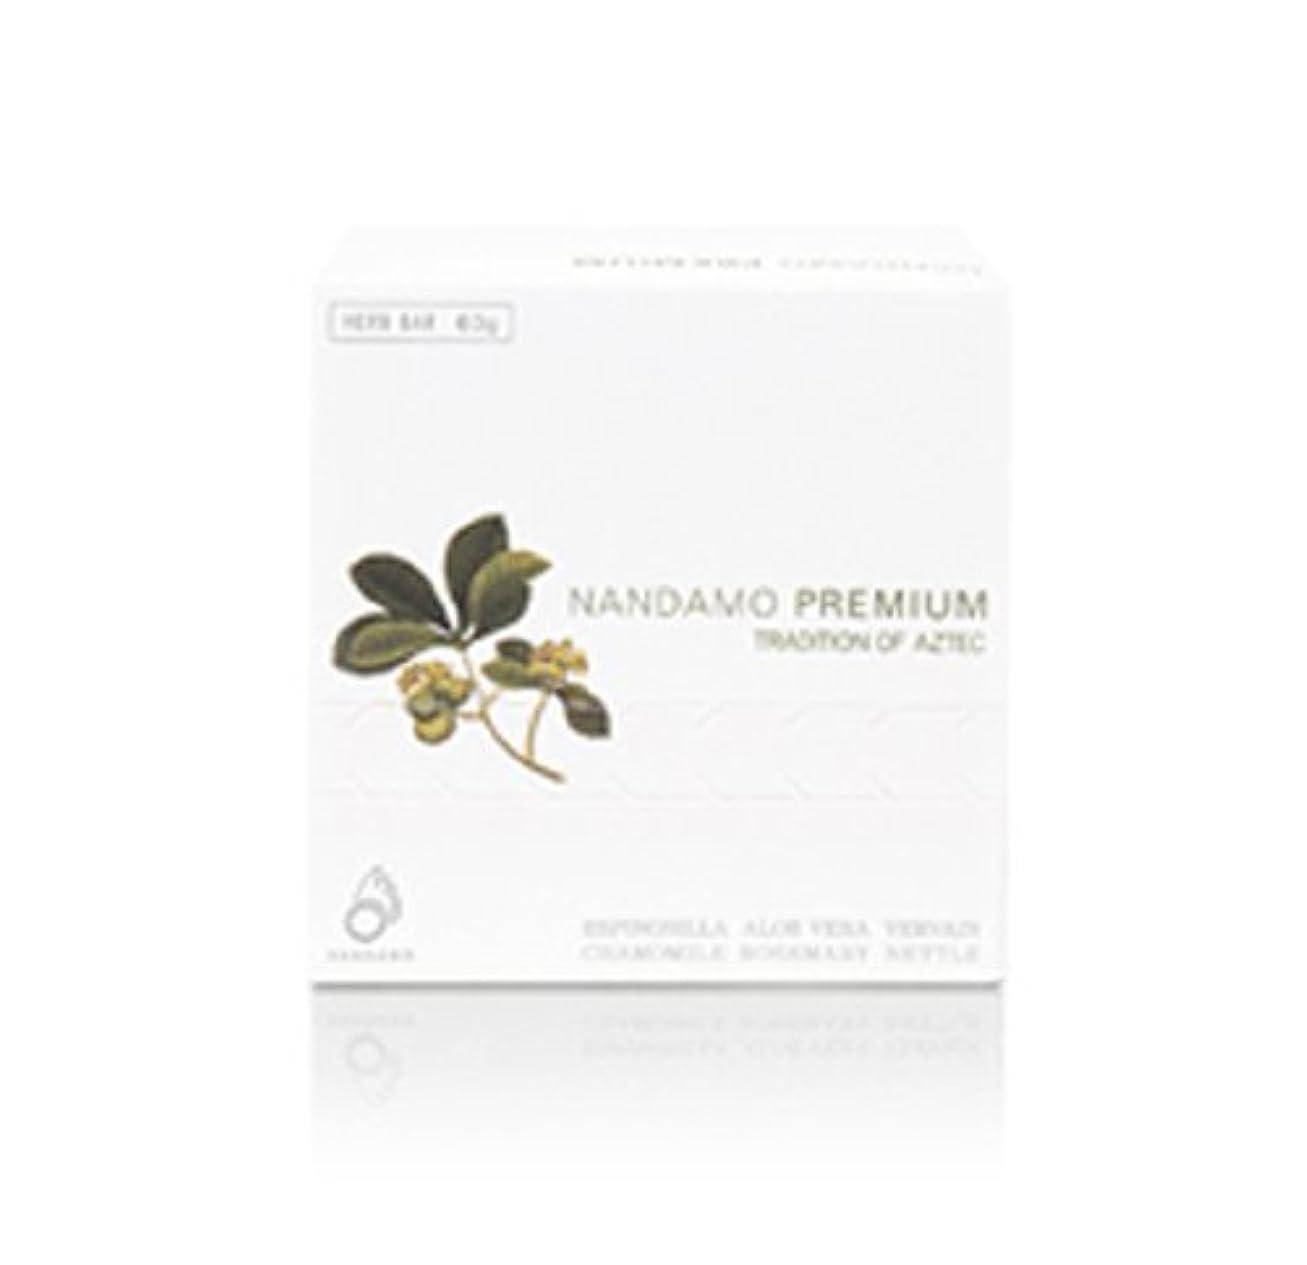 正確重なる赤外線NANDAMO PREMIUM(ナンダモプレミアム)ナンダモプレミアム60g